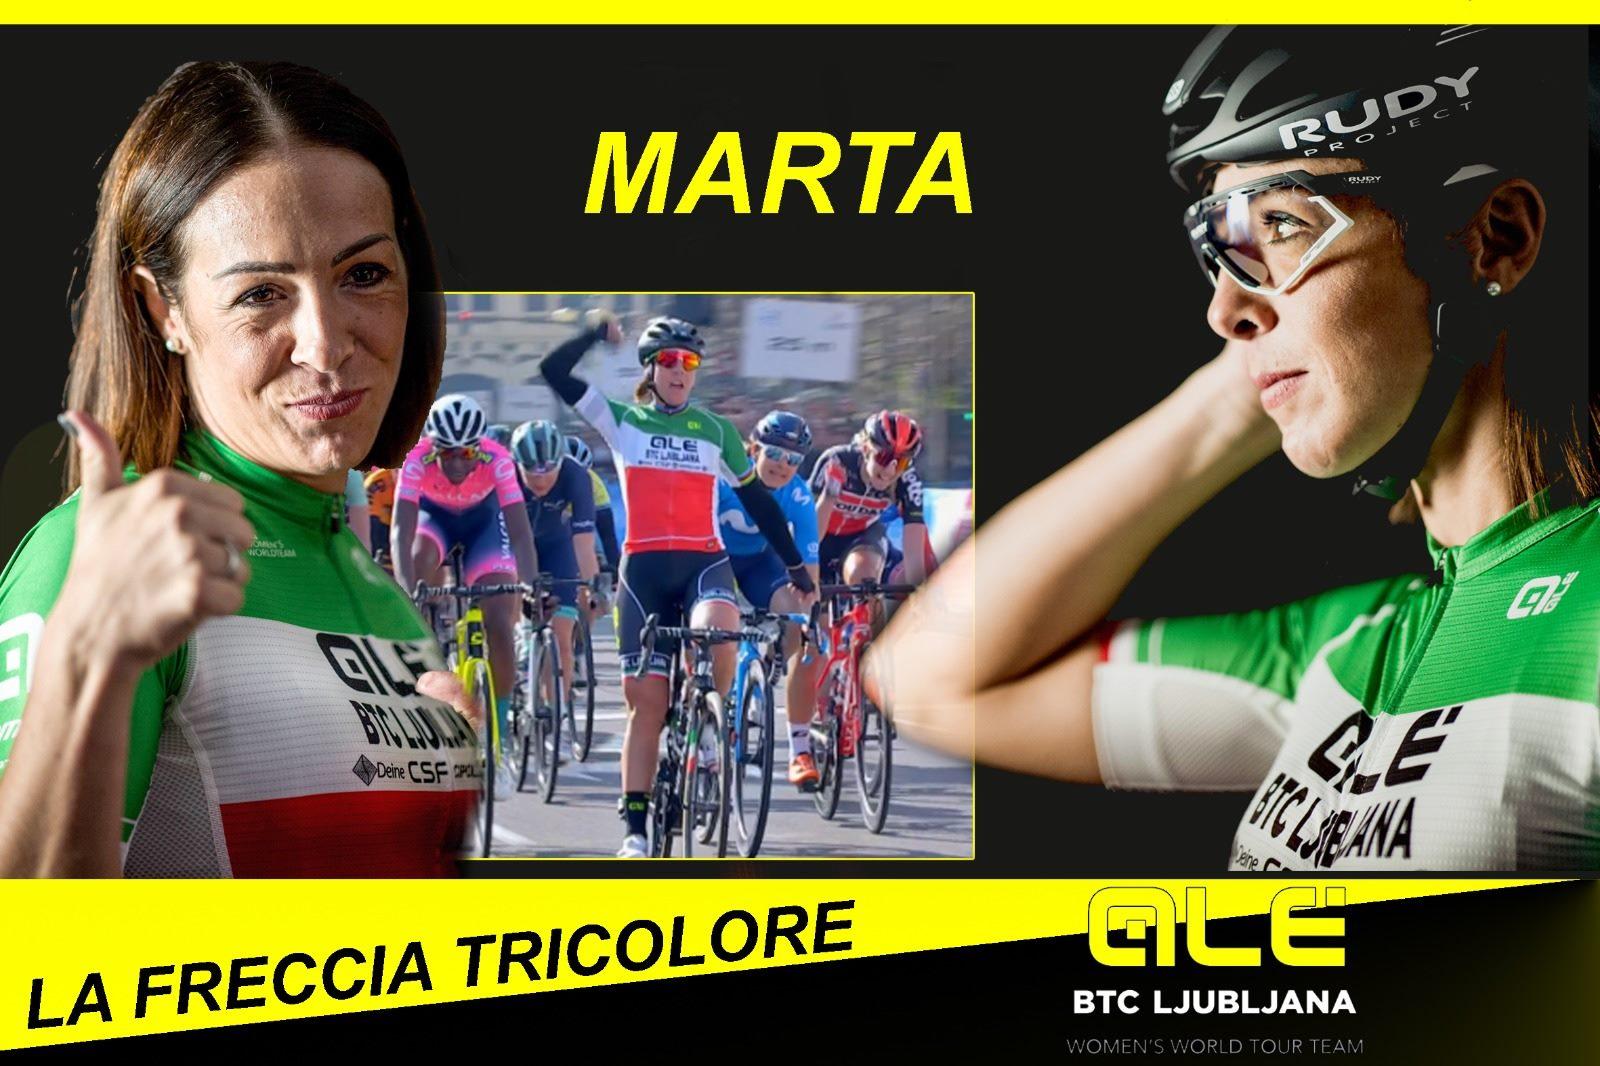 Pestra nedelja in prva zmaga za slovensko-italijansko ekipo